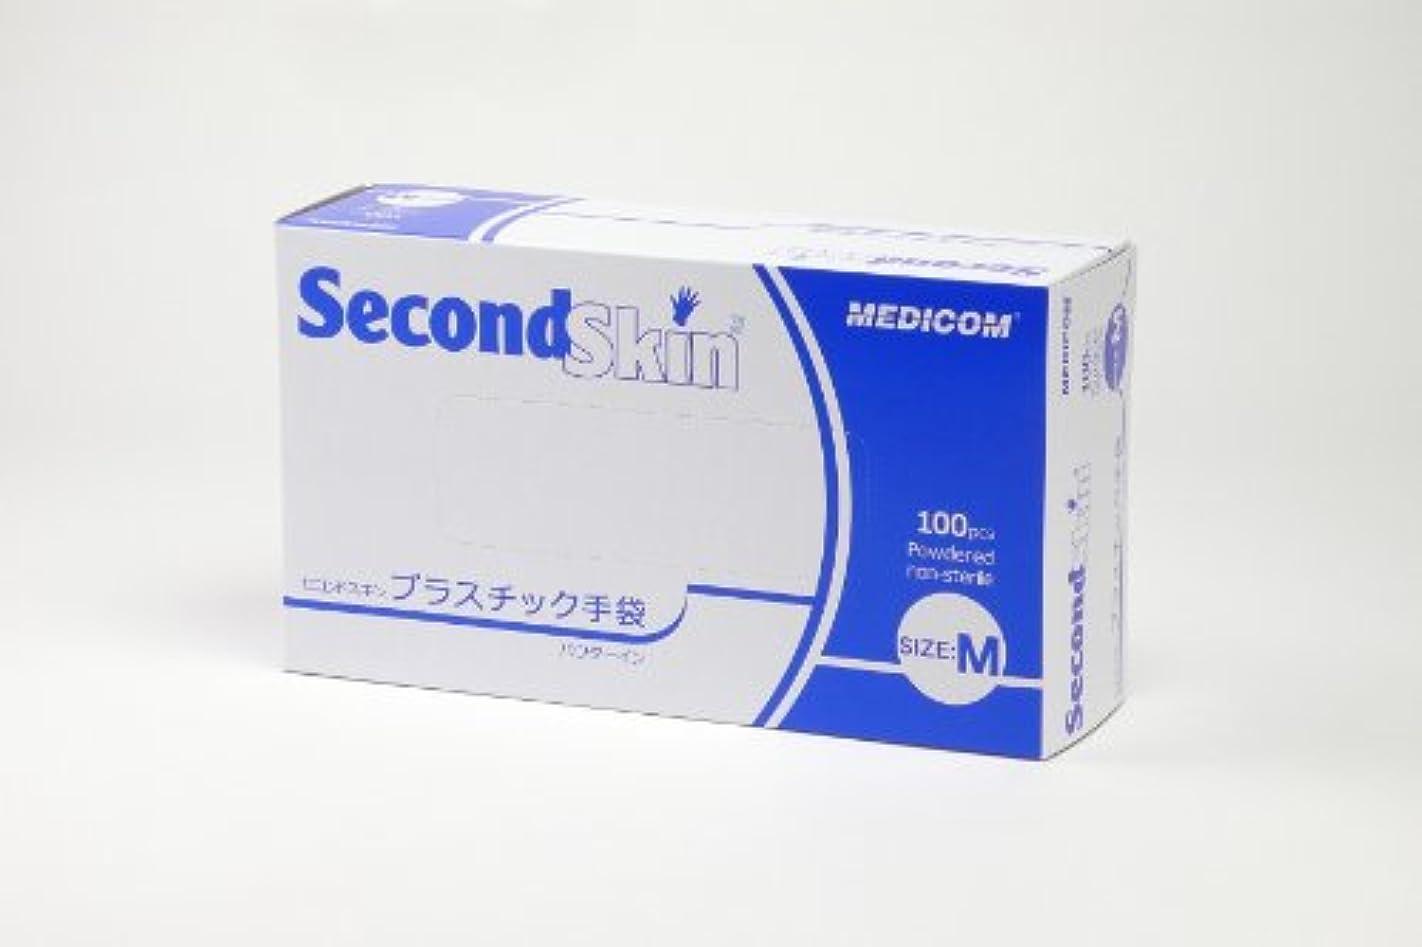 逸話レールペニーセコンドスキン プラスチック手袋 Mサイズ 100枚入